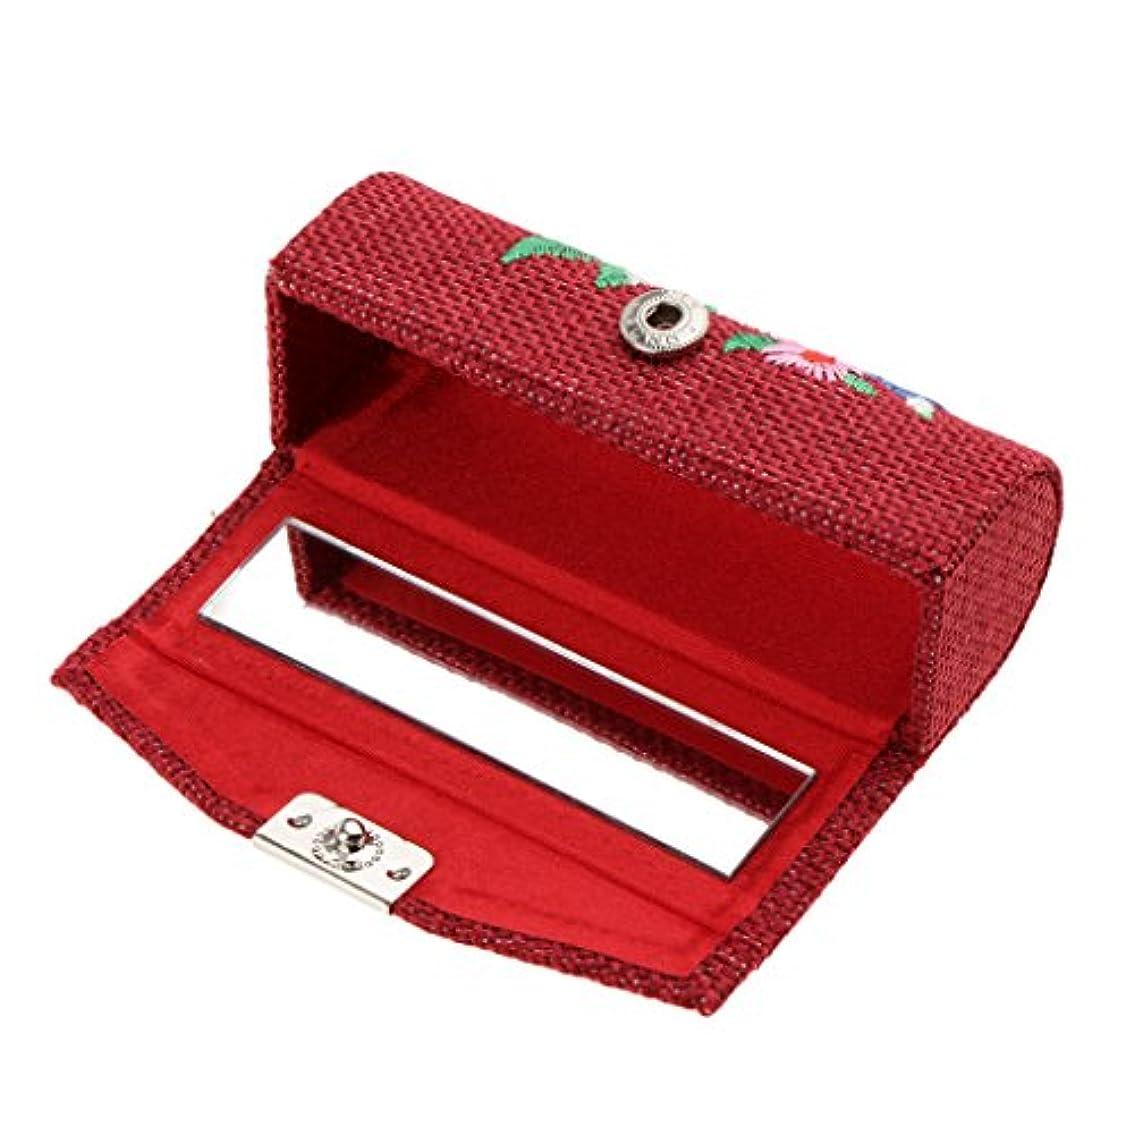 愛する青写真マートPerfk 化粧ポーチ 口紅ホルダー リップグロス 収納ケース ジュエリー ストレージ メイクアップ ミラー付き 高品質 プレゼント 6色選べる - ワインレッド